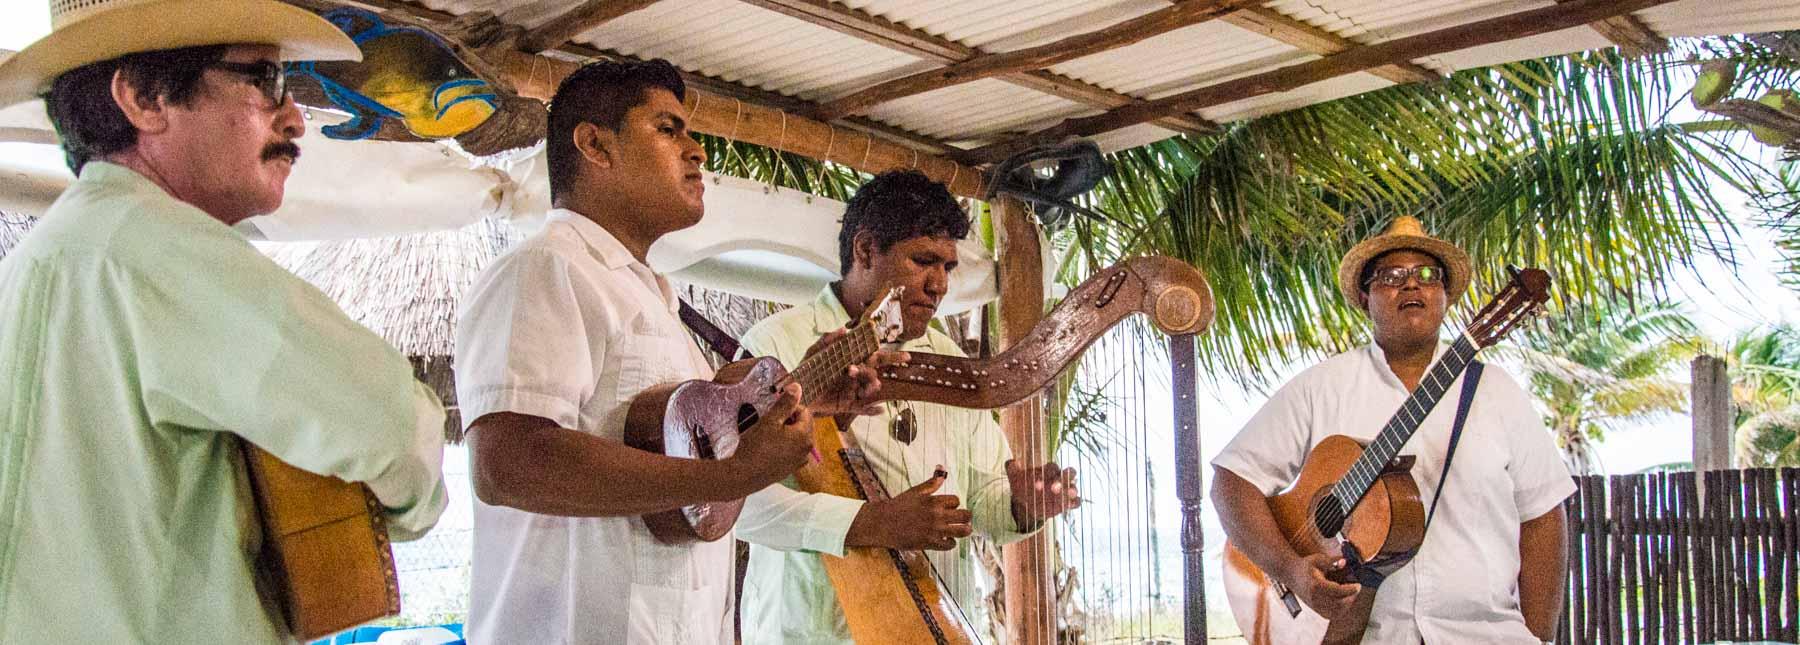 Musicians at an outdoor restaurant.